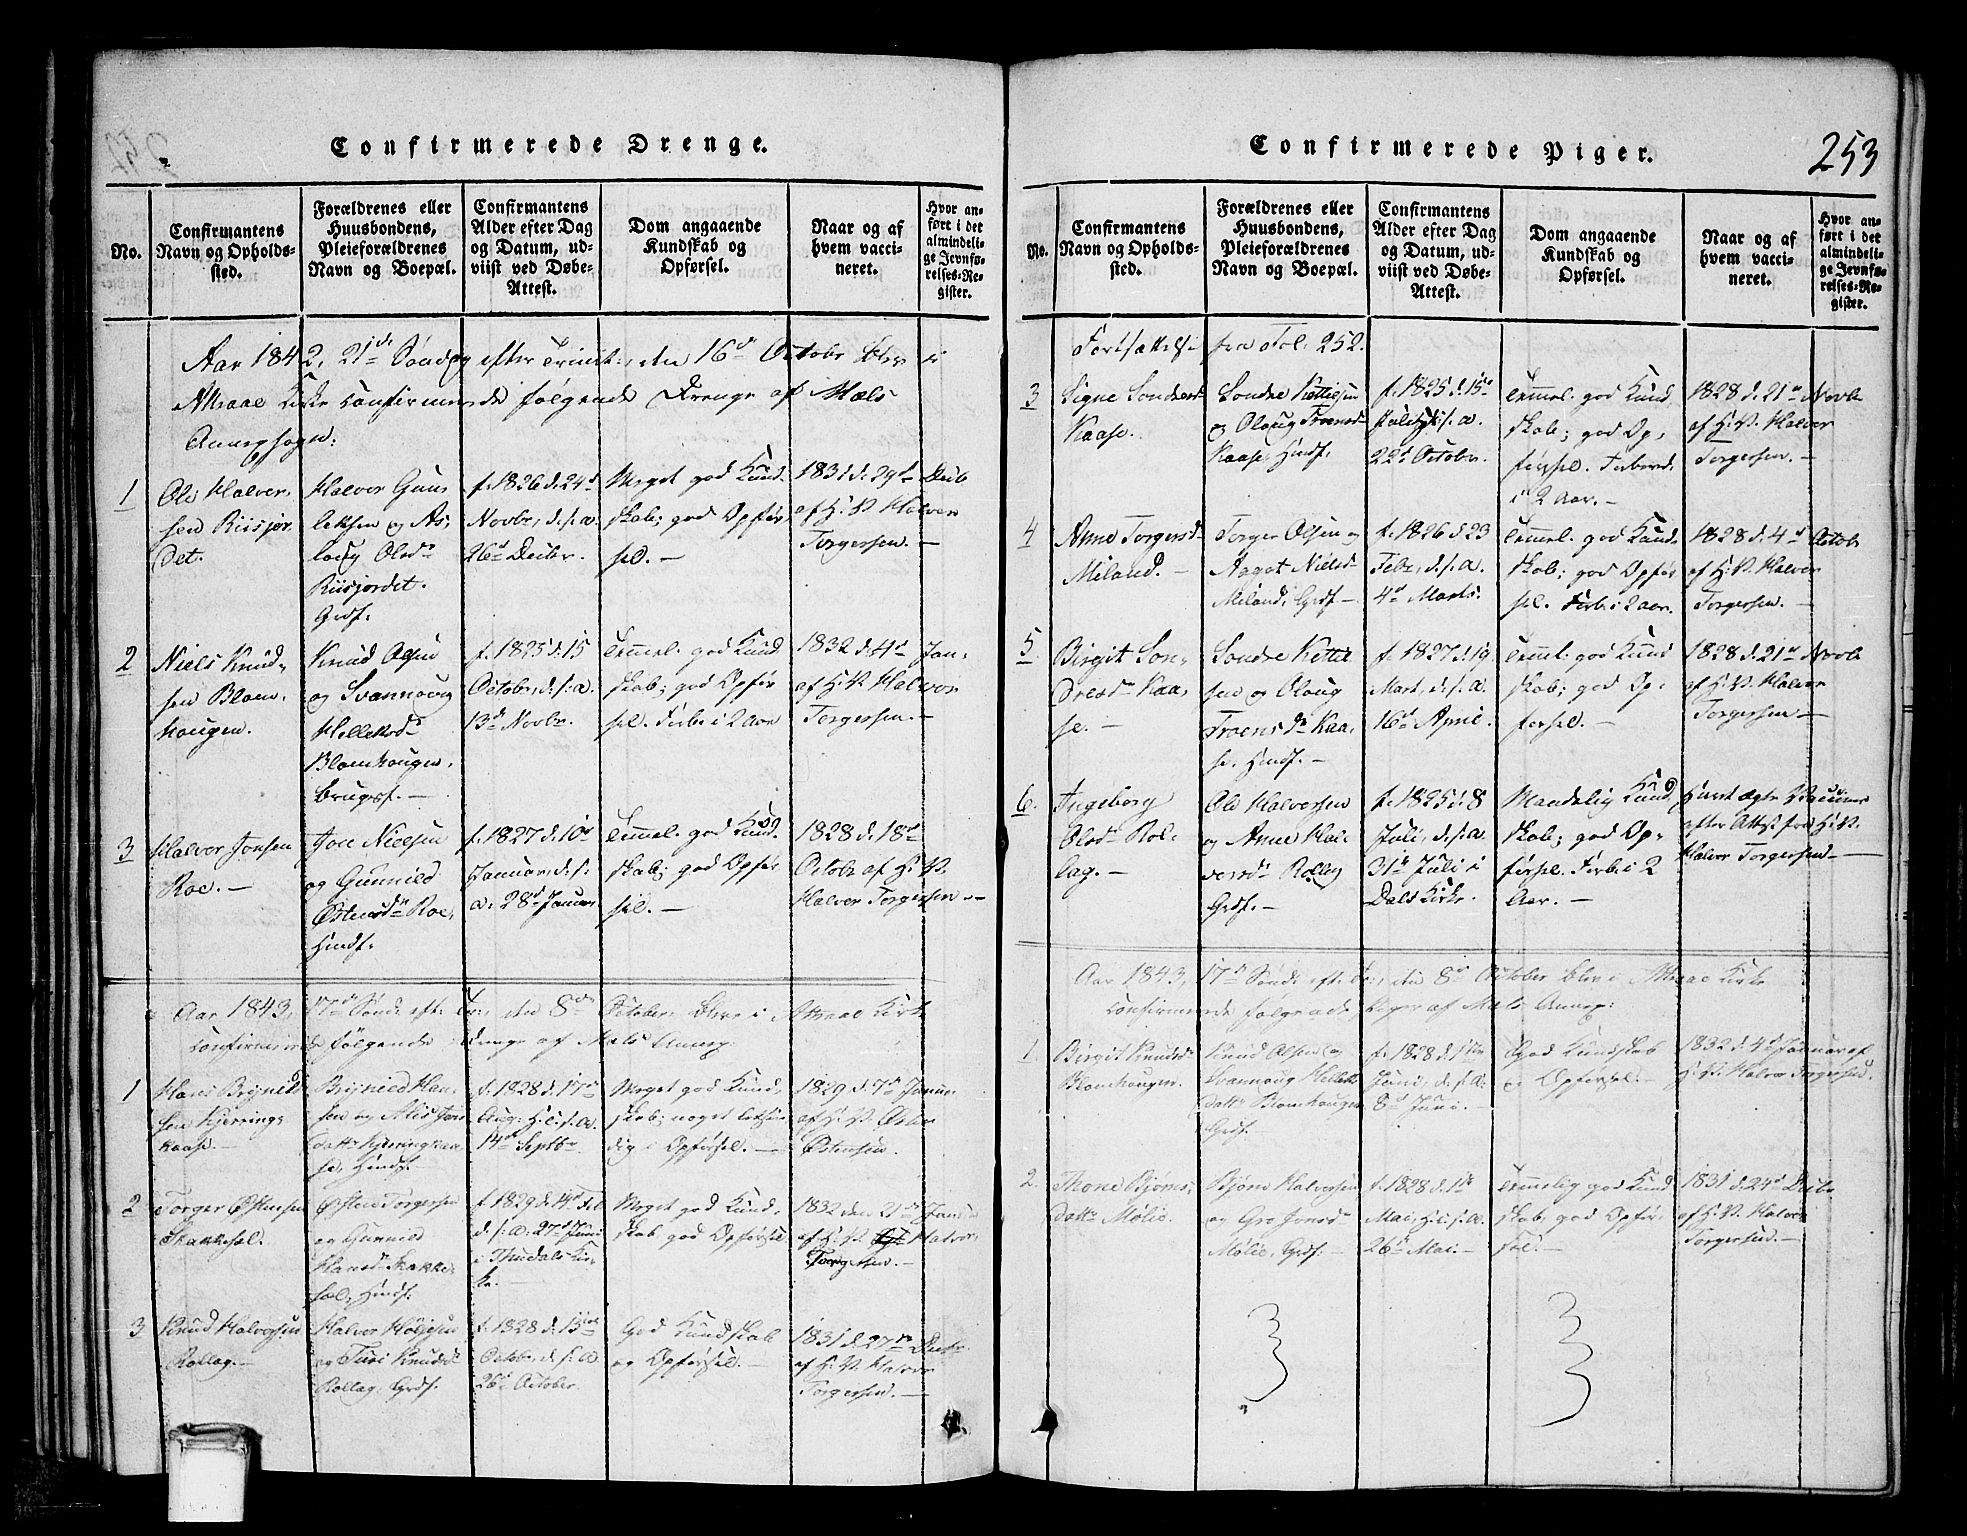 SAKO, Tinn kirkebøker, G/Gb/L0001: Klokkerbok nr. II 1 /1, 1815-1850, s. 253